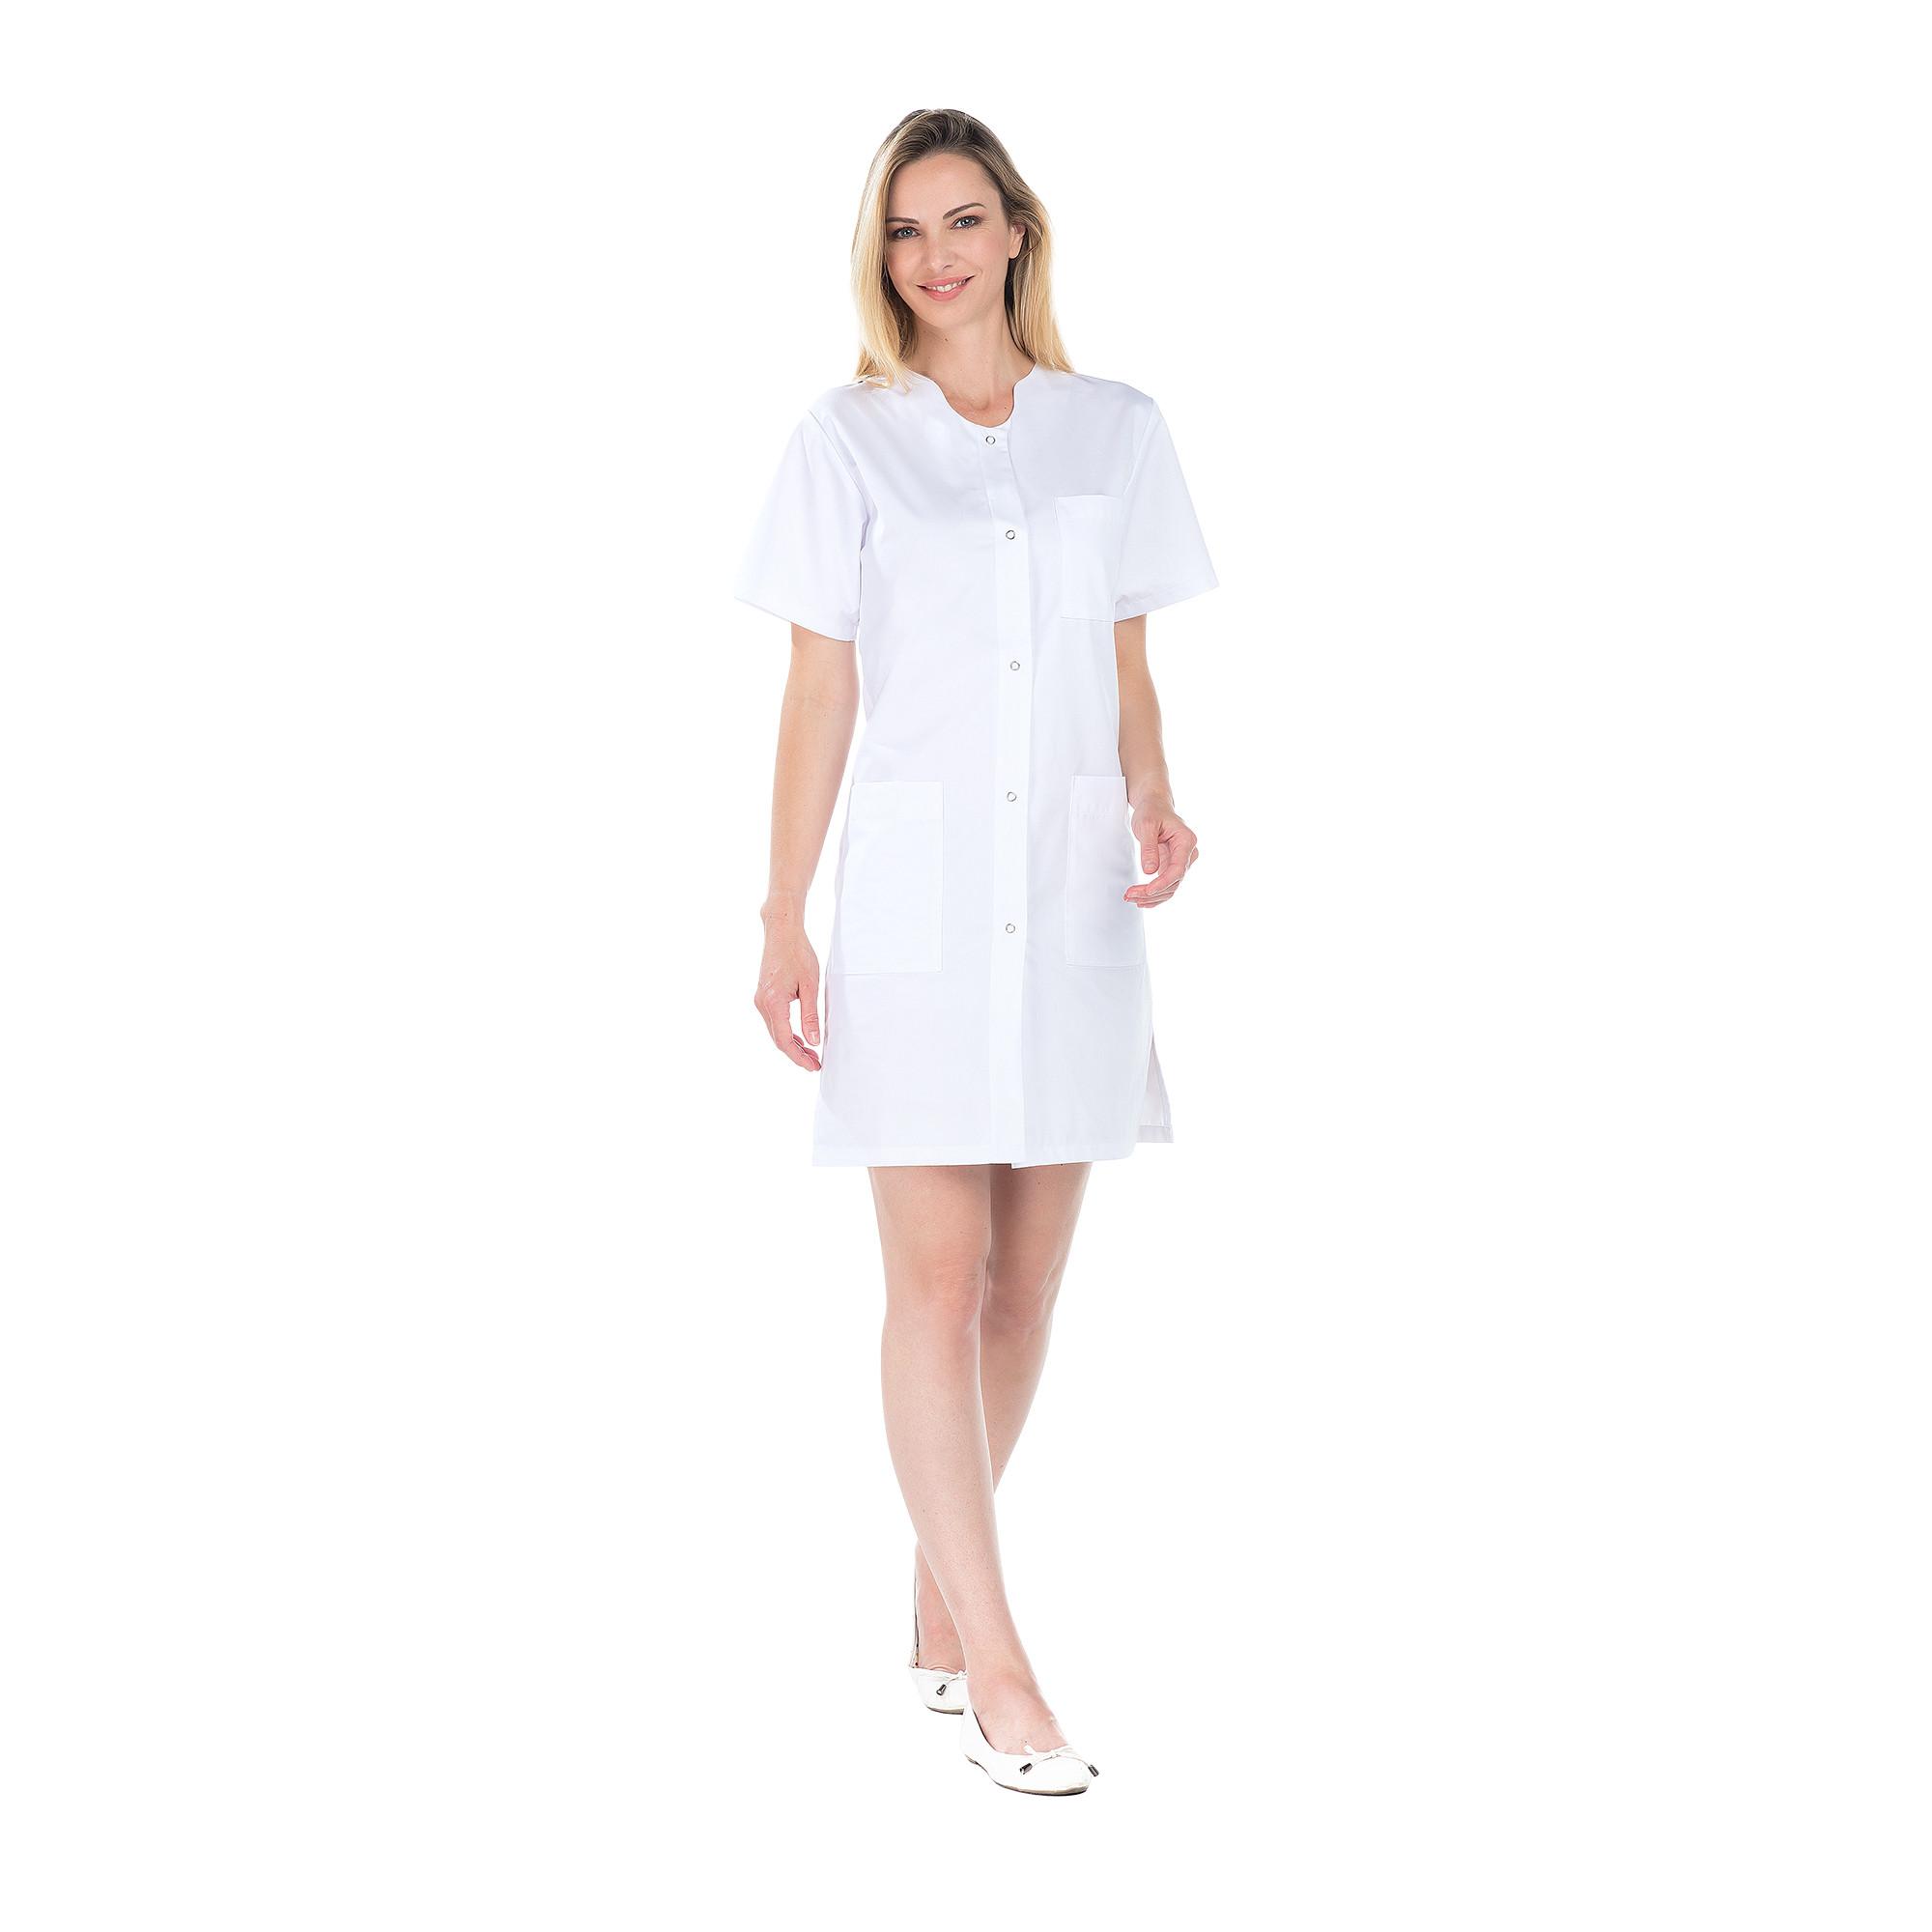 BCI-Chantal - Blouse 7/8 - Manches courtes - Femme - 95 cm